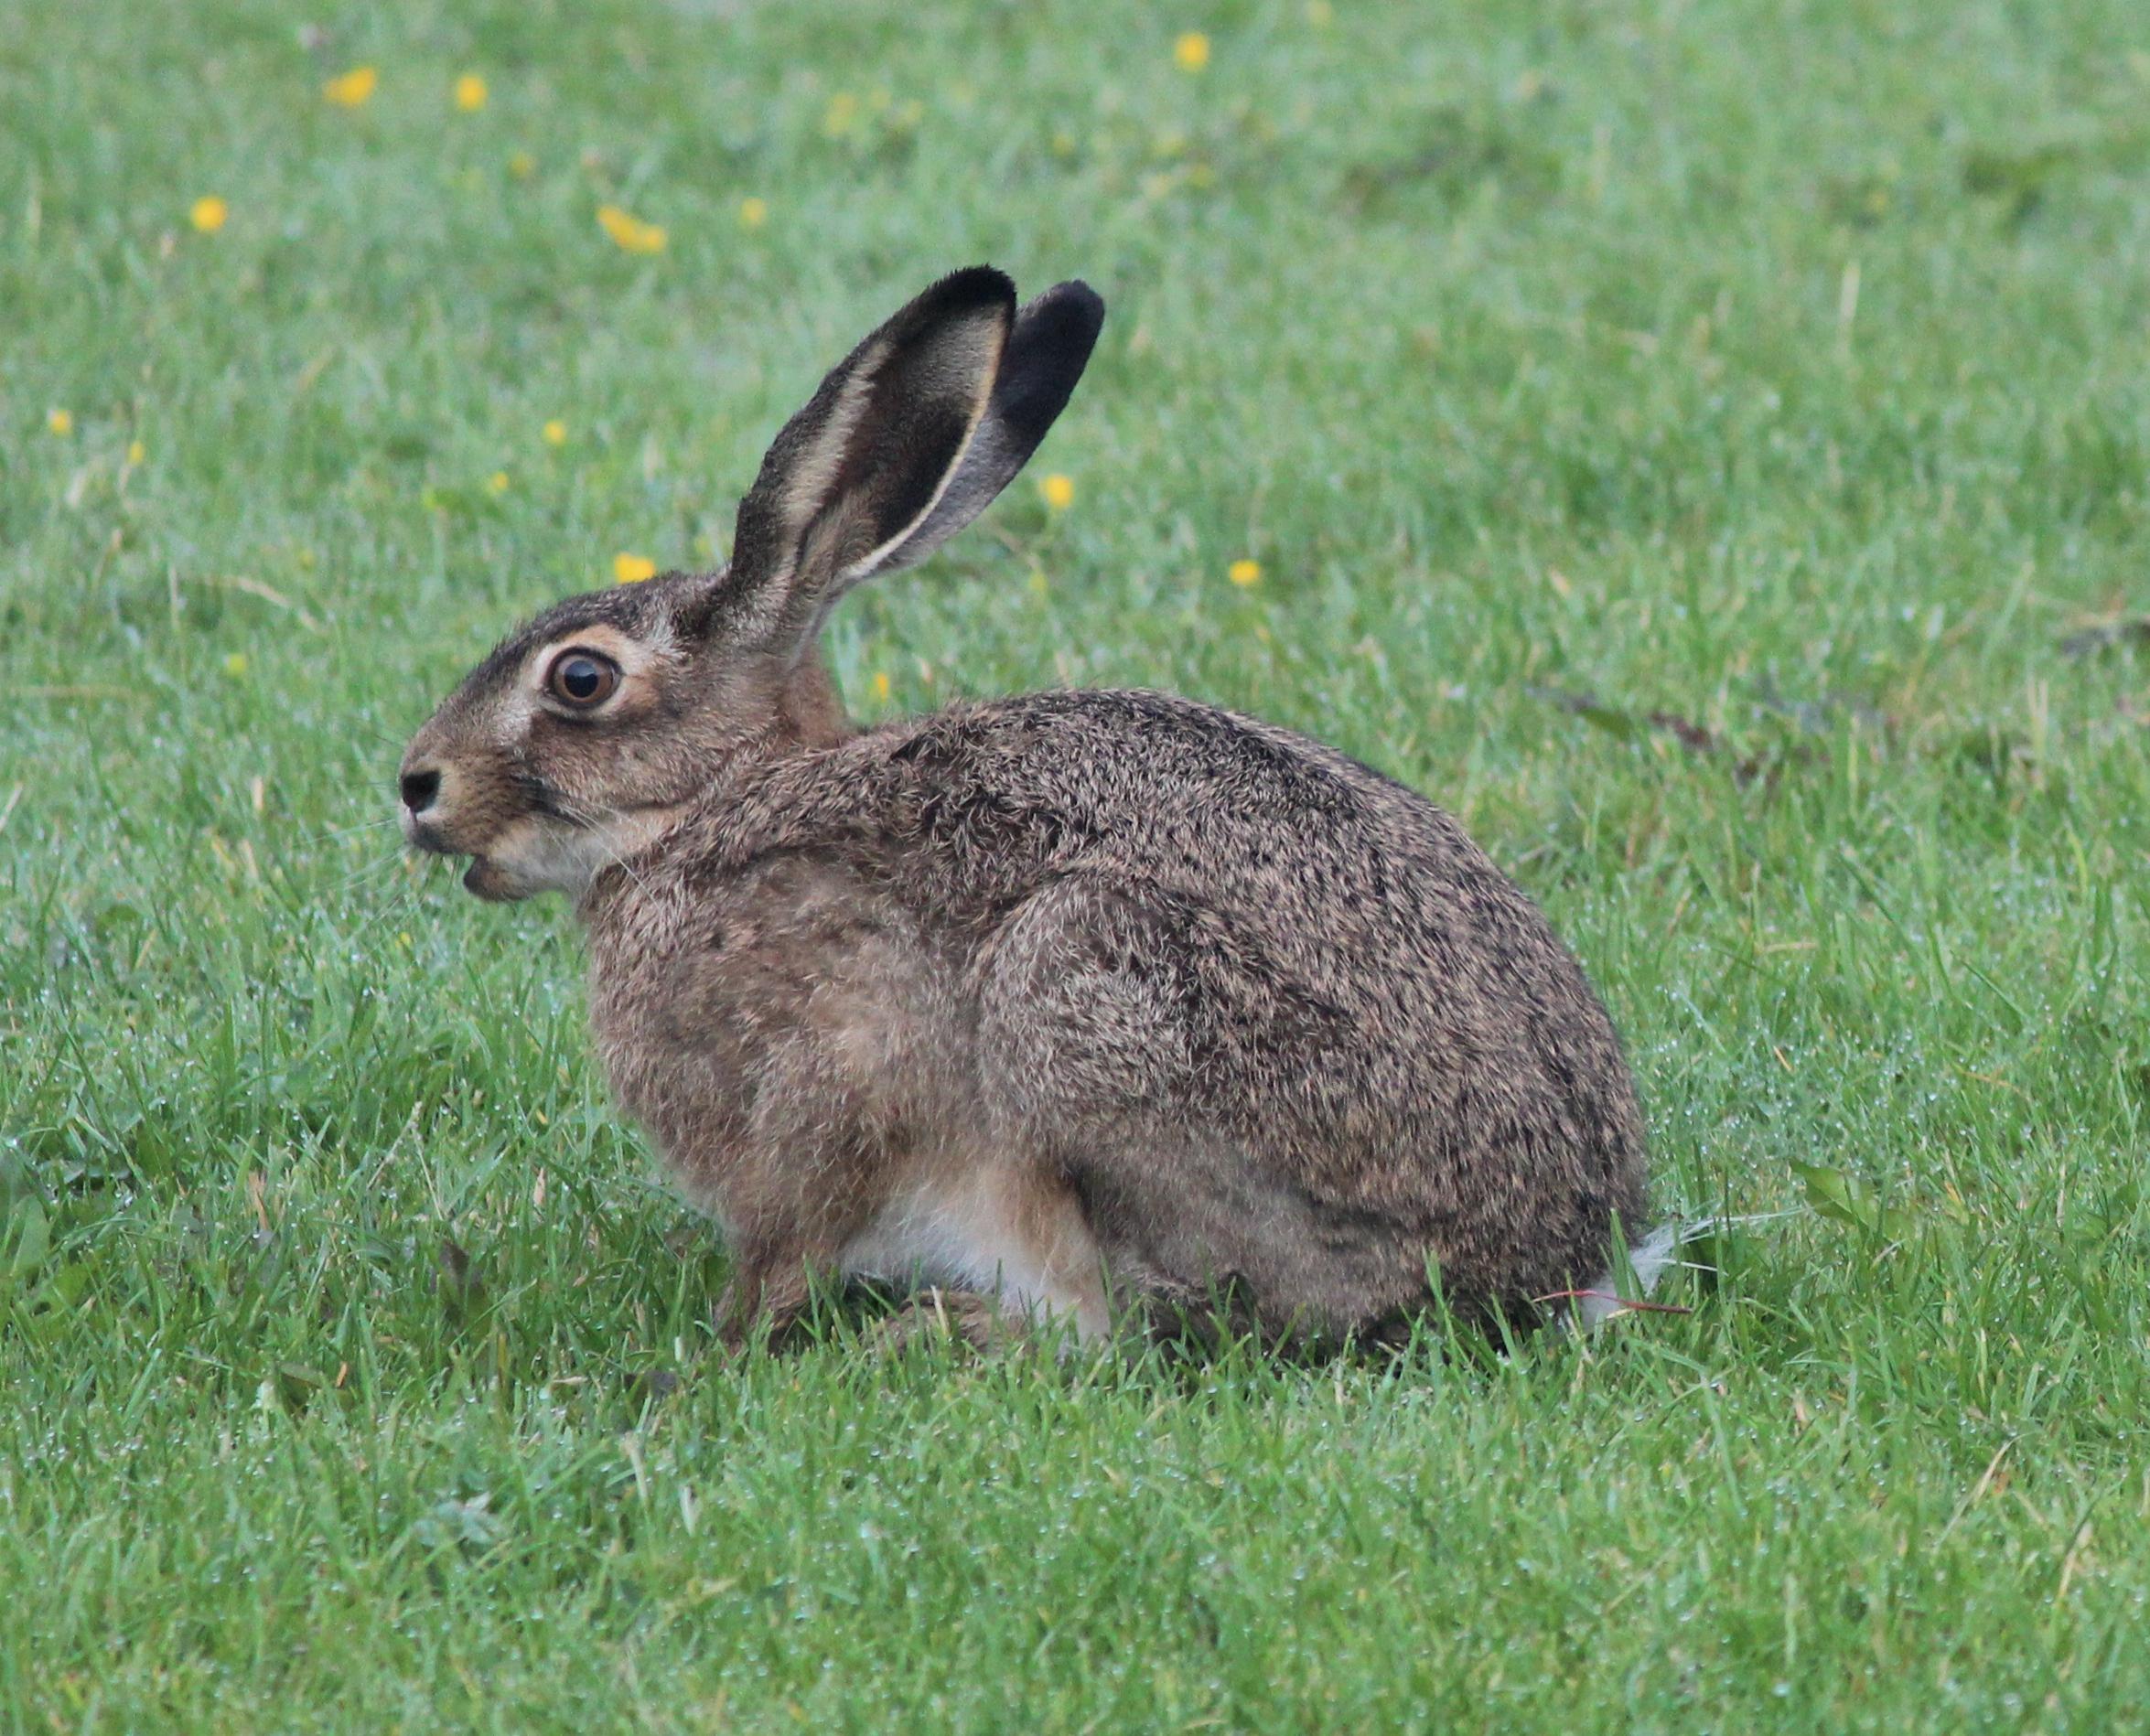 Description European Hare 2012-07-30 4.jpg: commons.wikimedia.org/wiki/File:European_Hare_2012-07-30_4.jpg